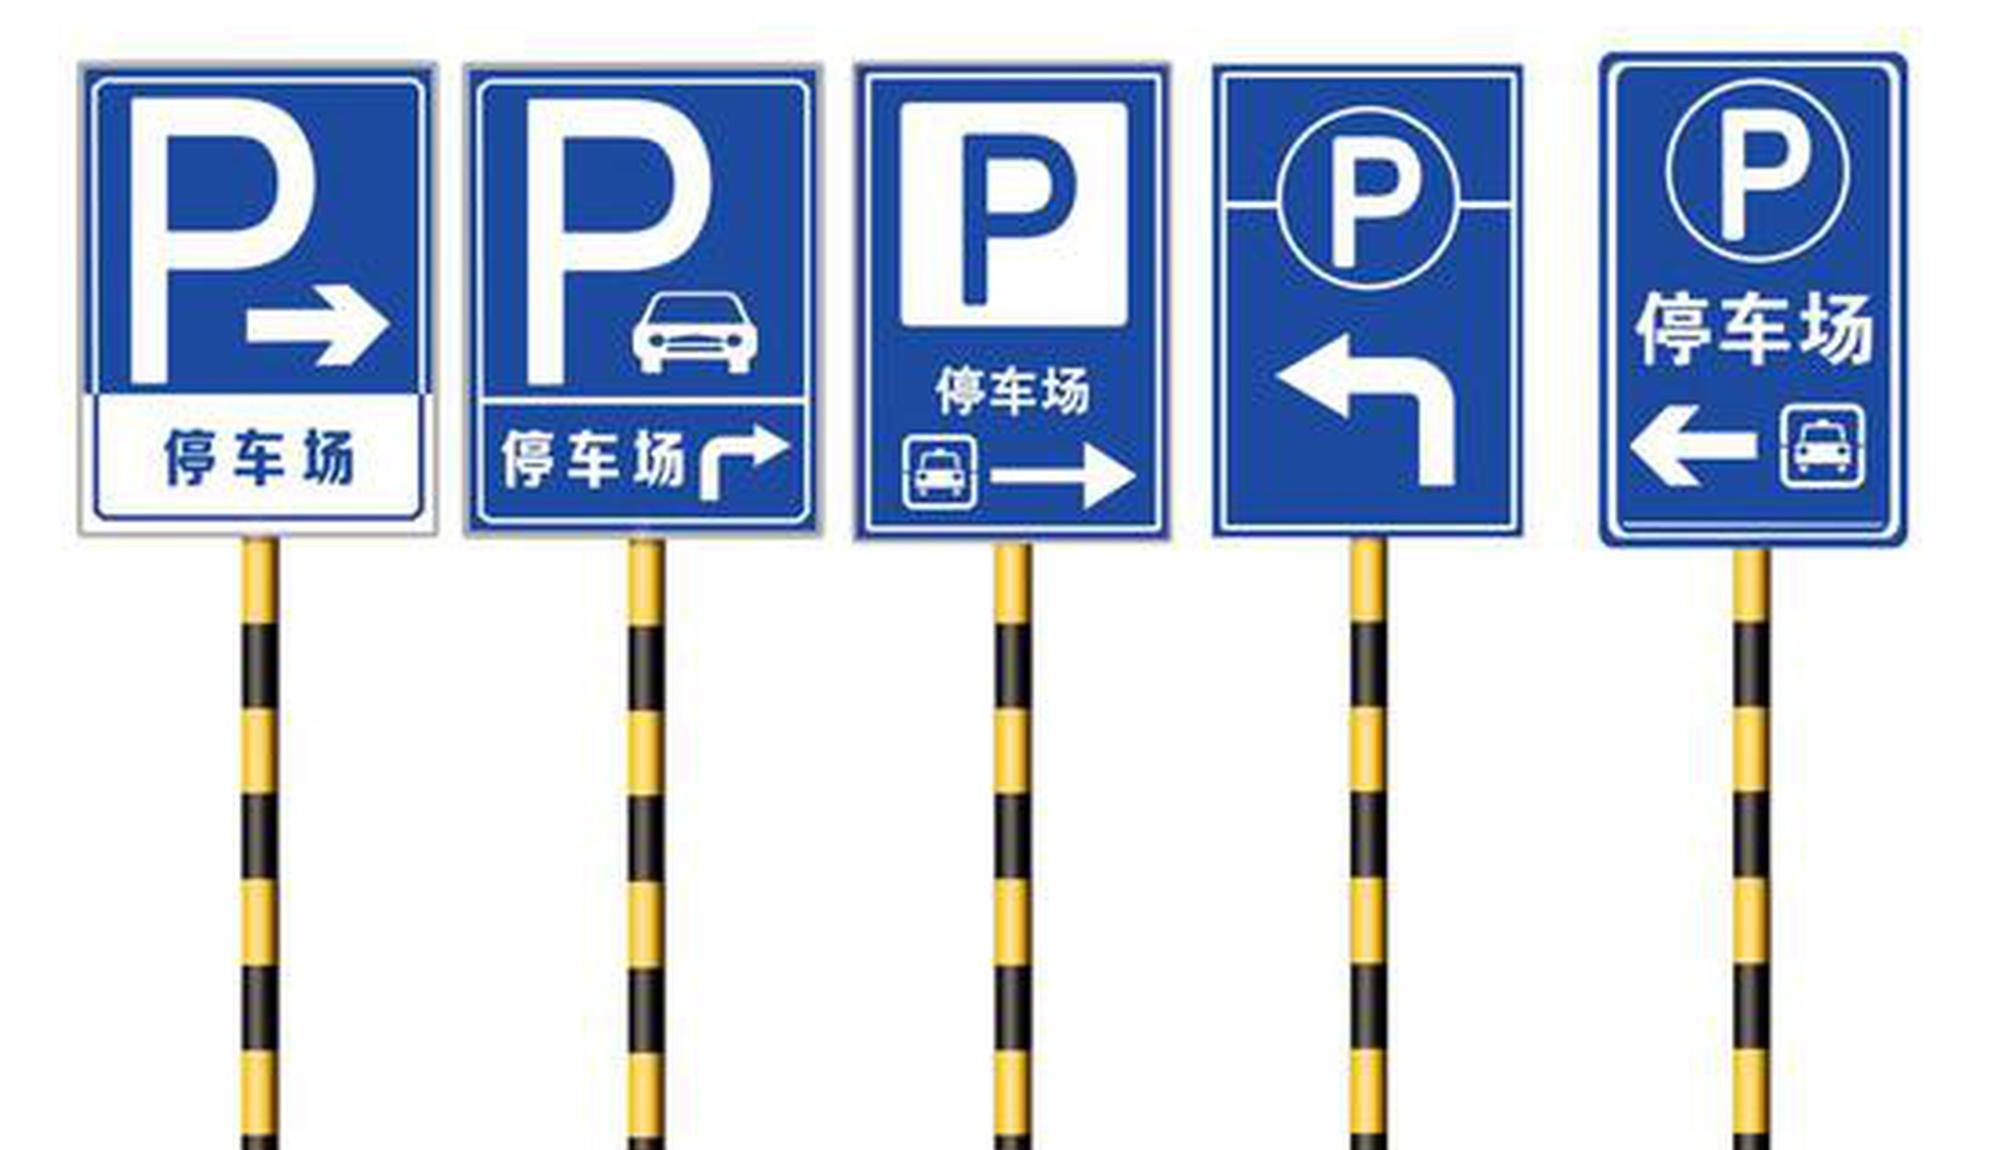 银川兴庆区新增停车位41221个